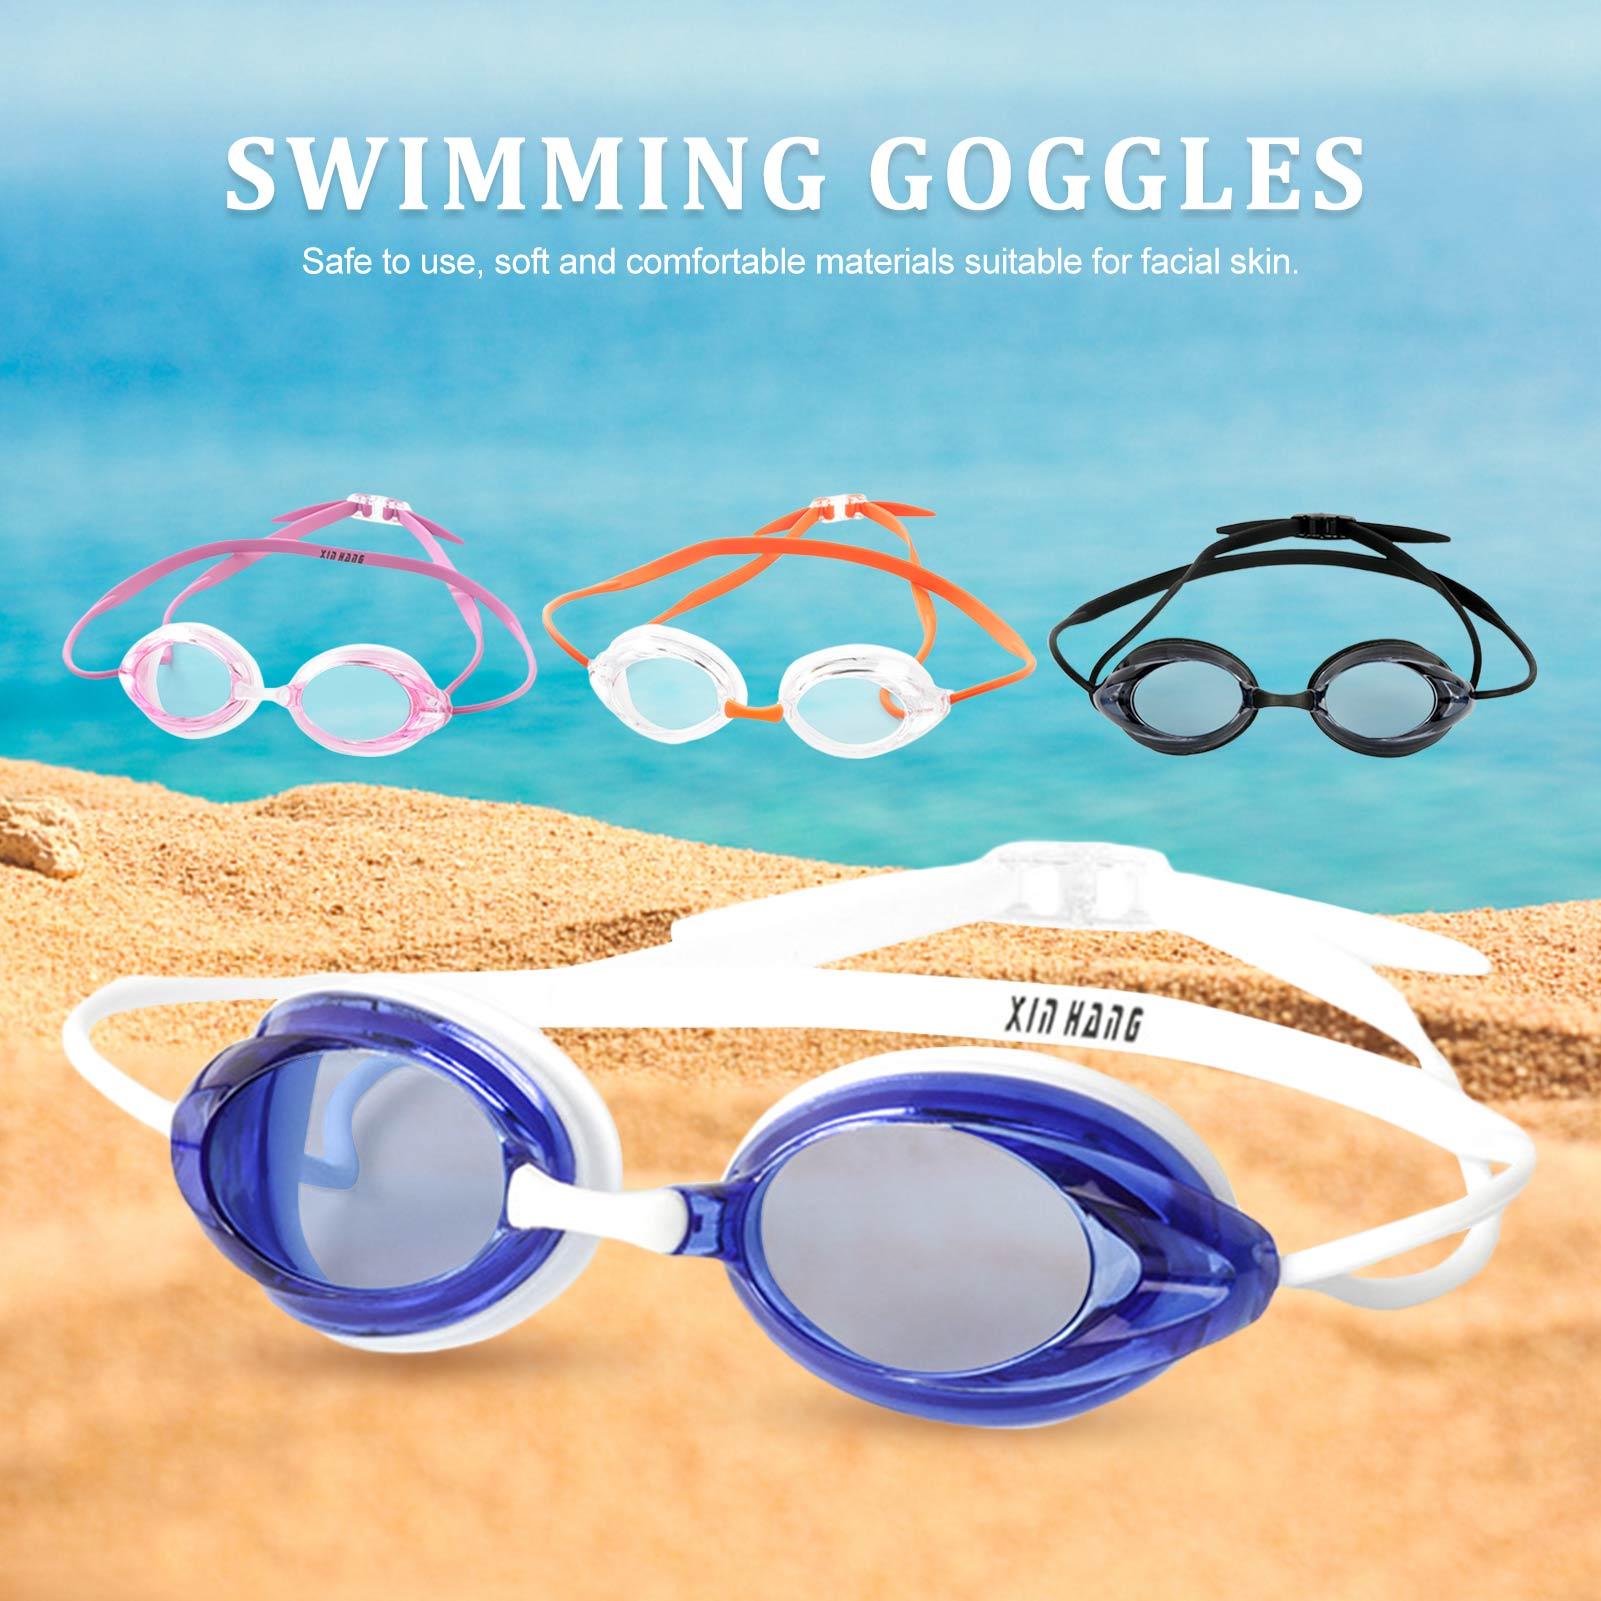 Профессиональные Водонепроницаемые очки для плавания плавательные очки Анти-туман, защита от УФ для взрослых детей очки для дайвинга обору...